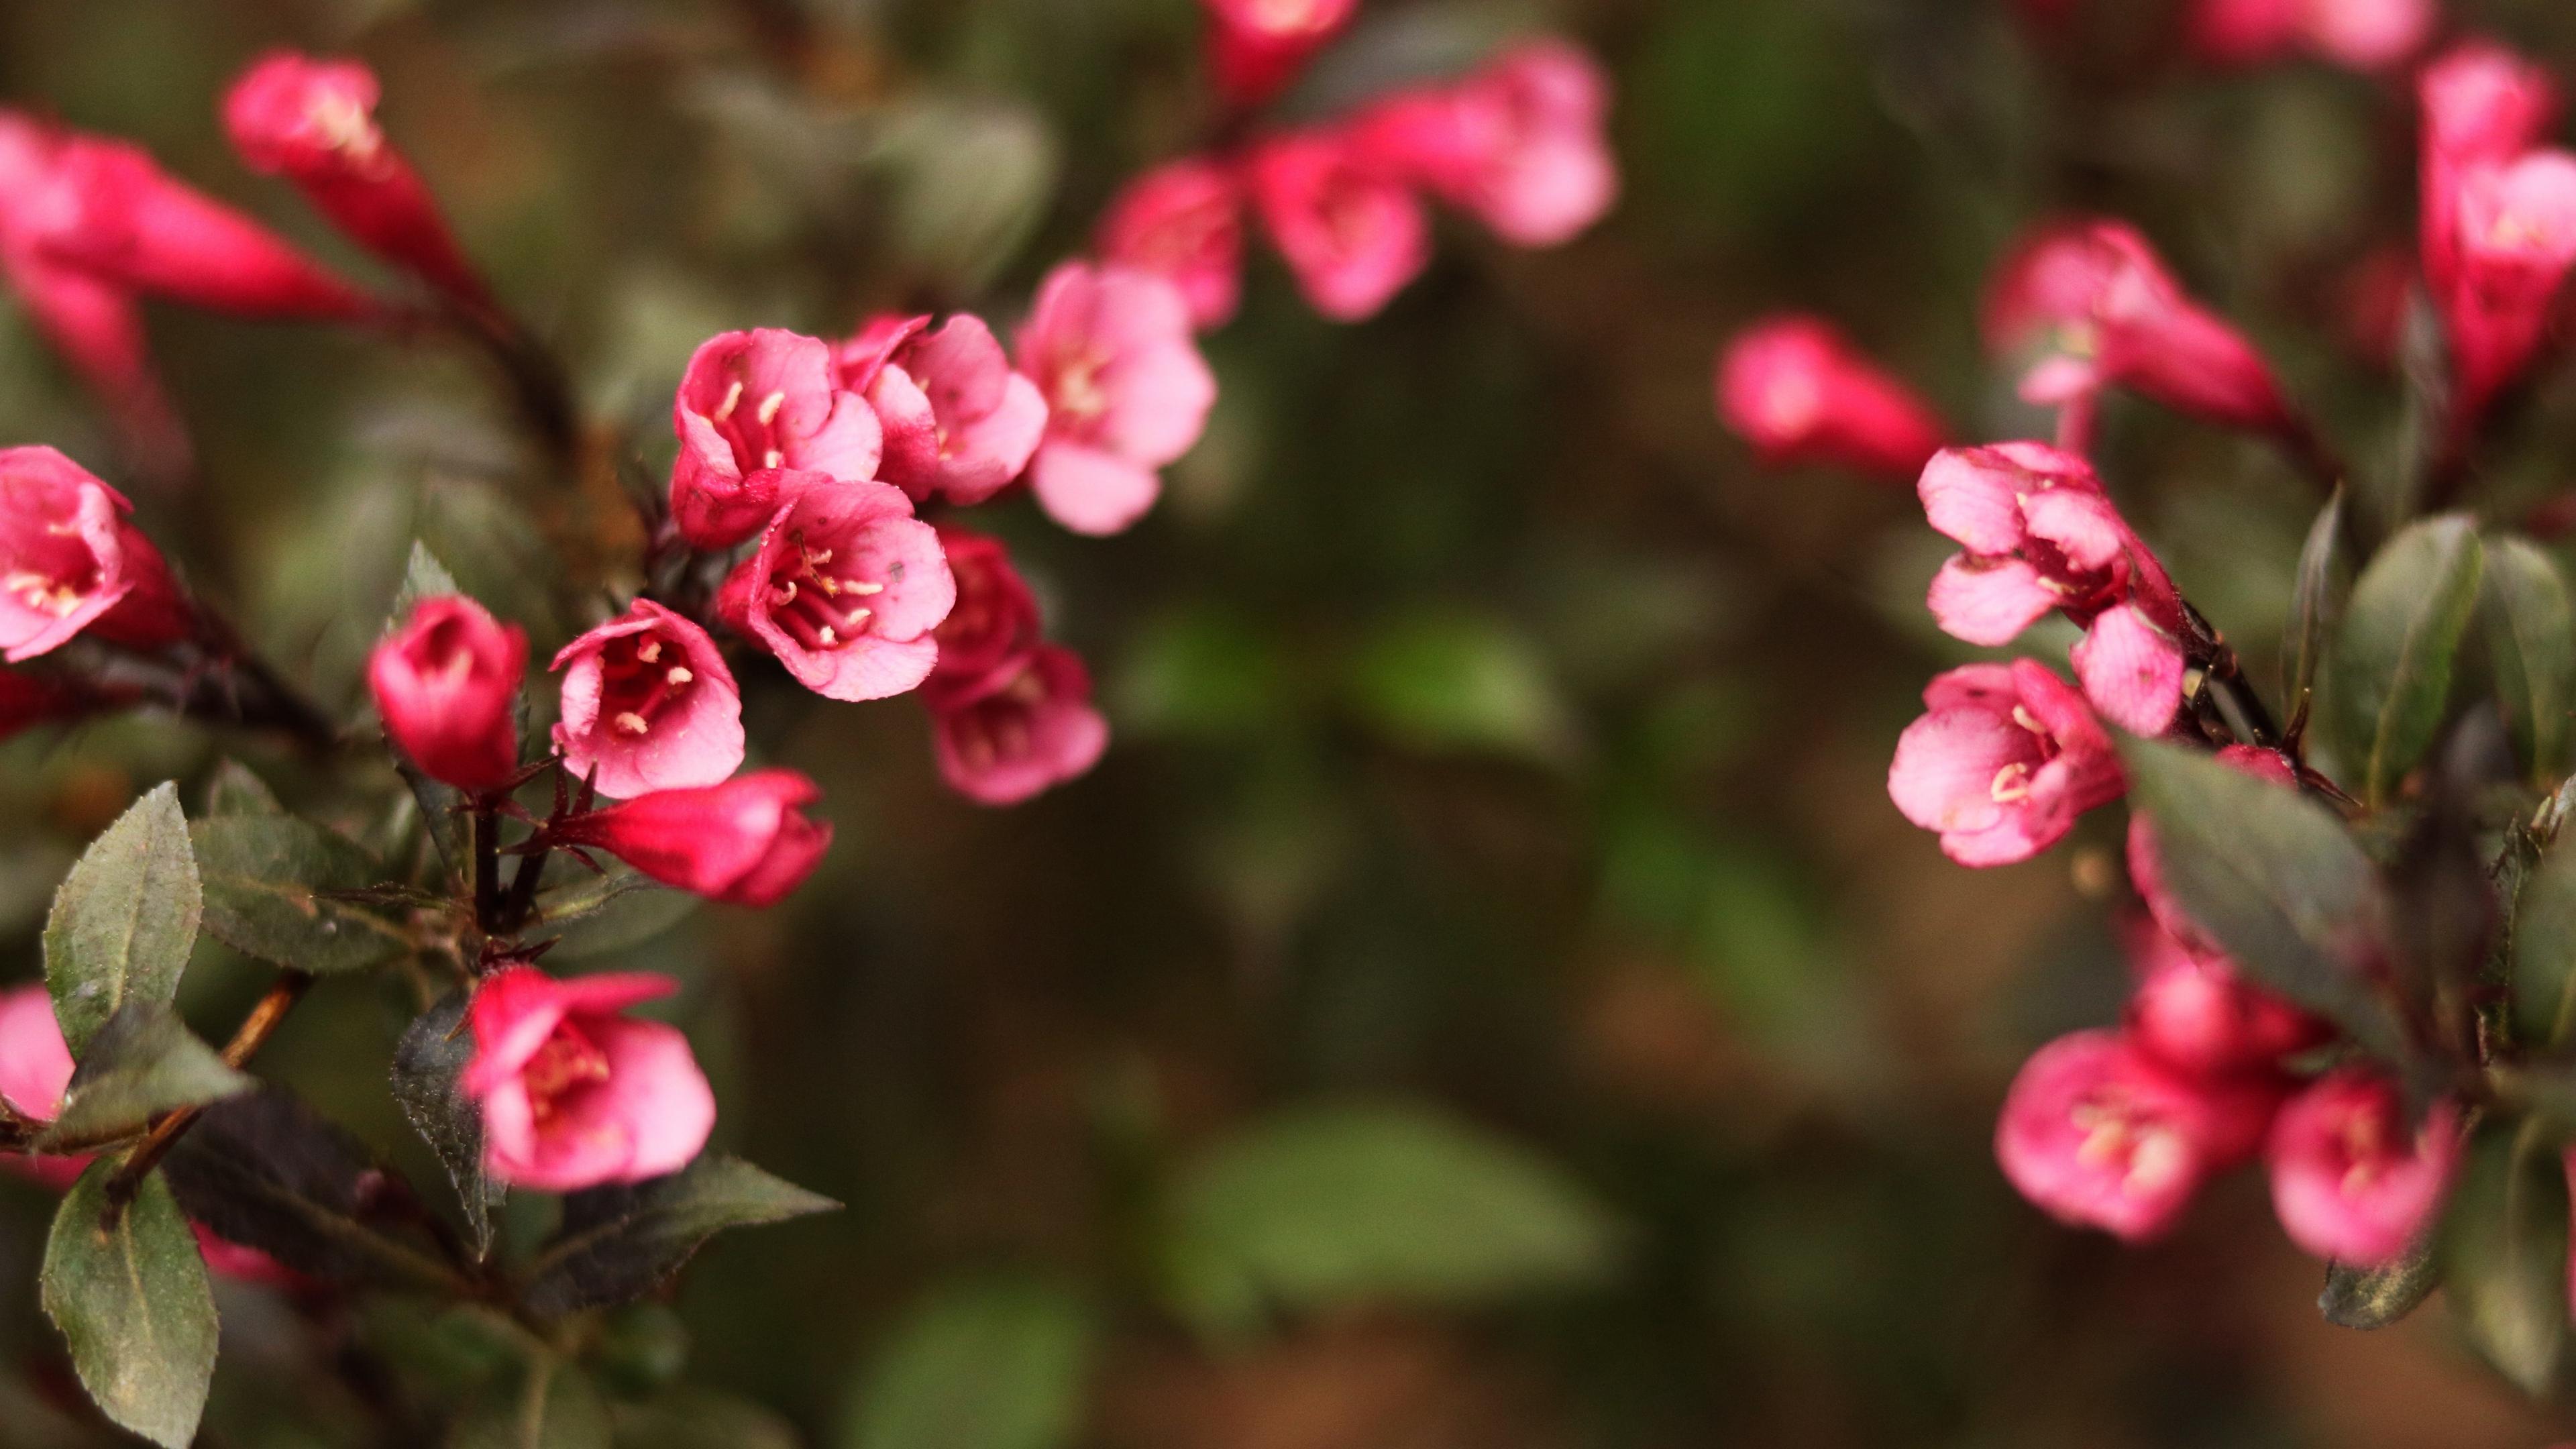 flowers blur bush 4k 1540064434 - flowers, blur, bush 4k - Flowers, Bush, Blur